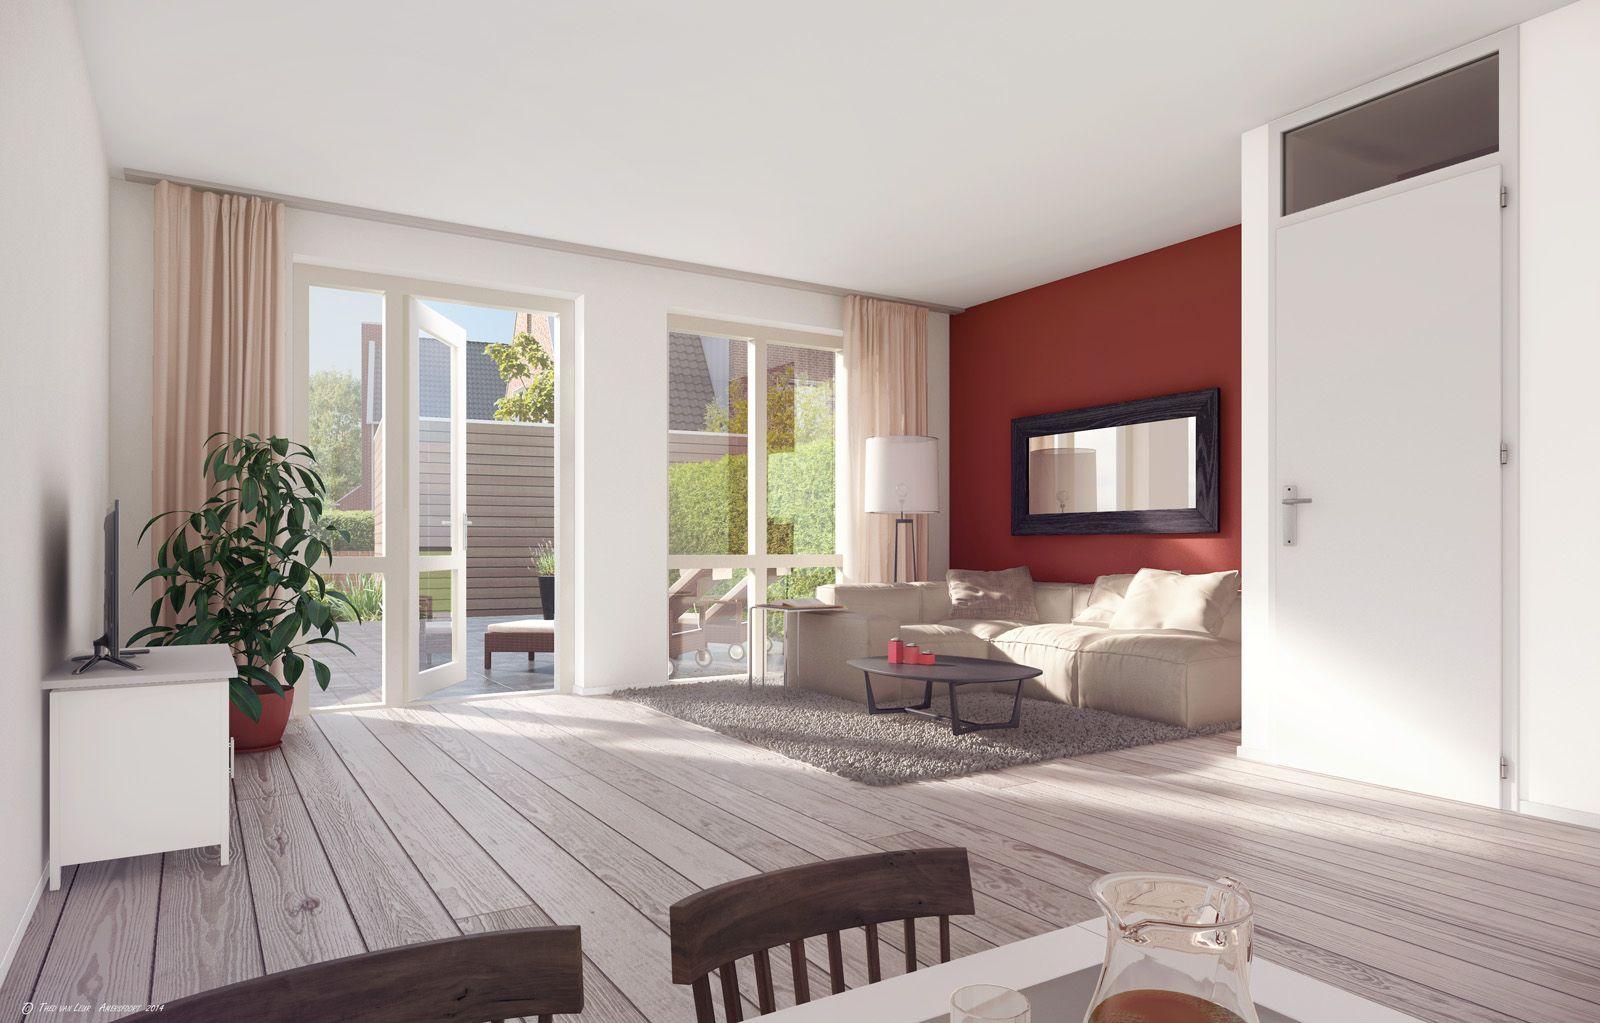 woonkamer met openslaande deuren naar de tuin hoge ramen